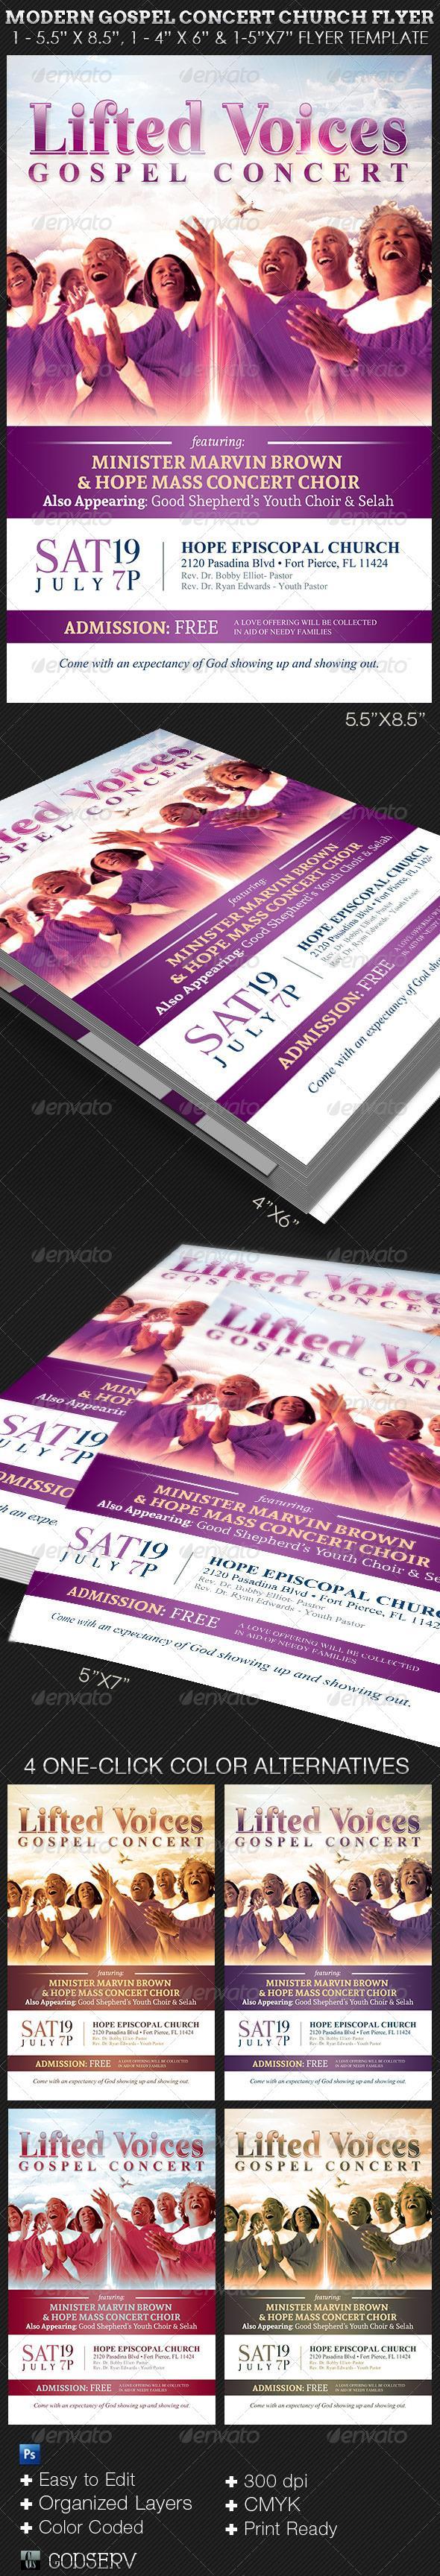 Gospel Concert Church Flyer Template